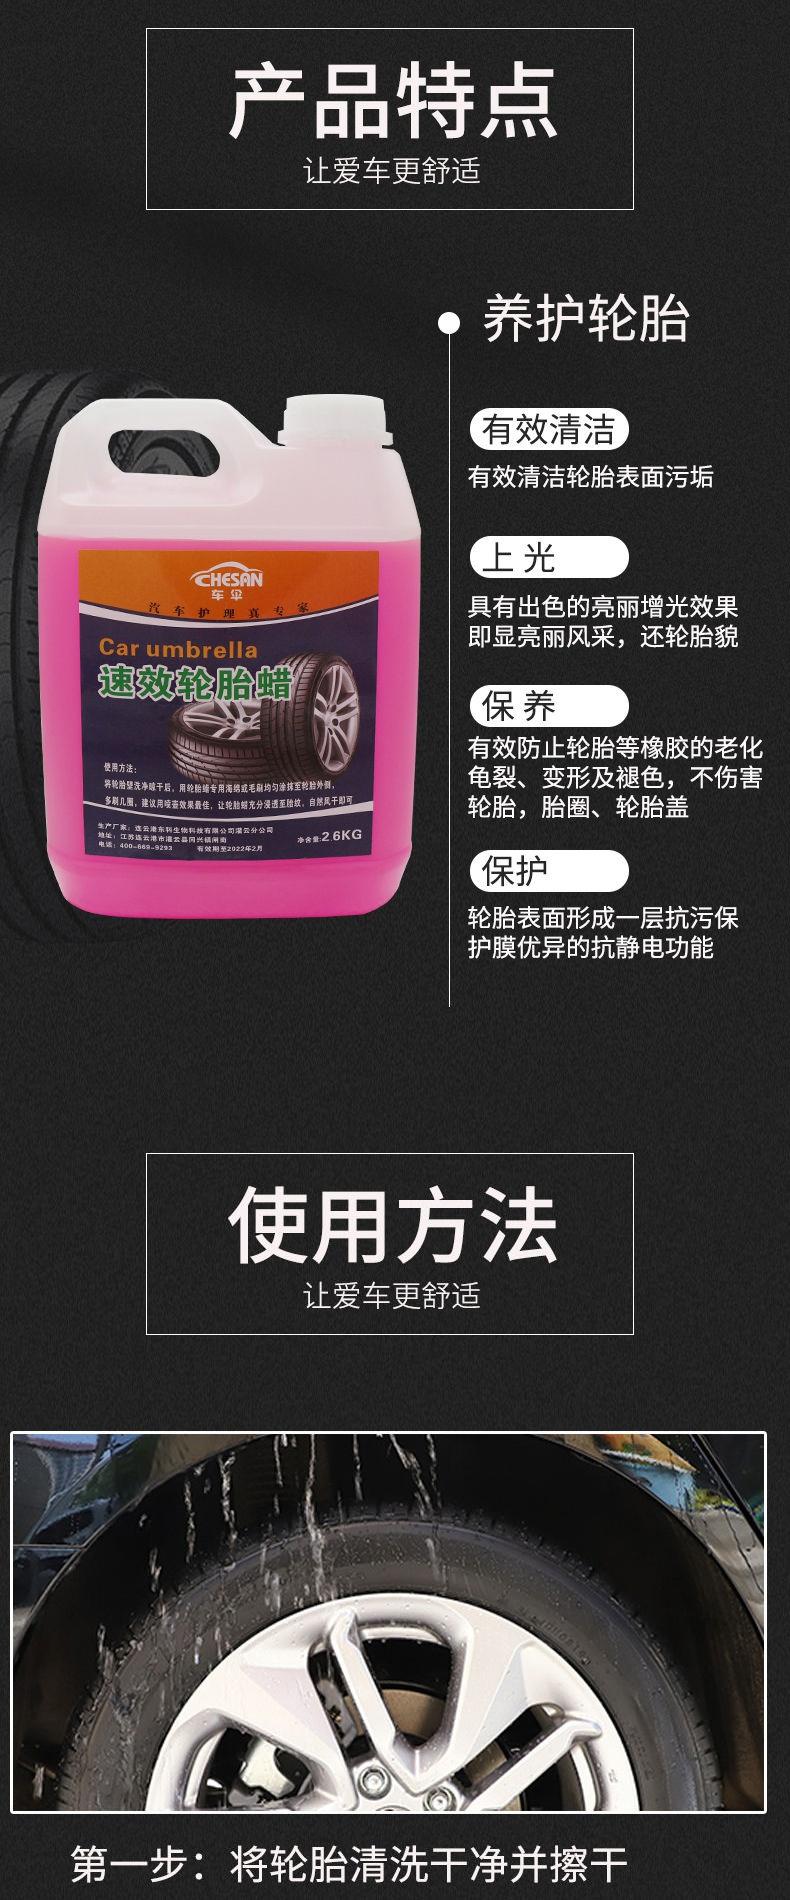 汽车轮胎蜡光亮剂镀膜保养上光老化保护油釉轮胎腊养护清洗剂详细照片